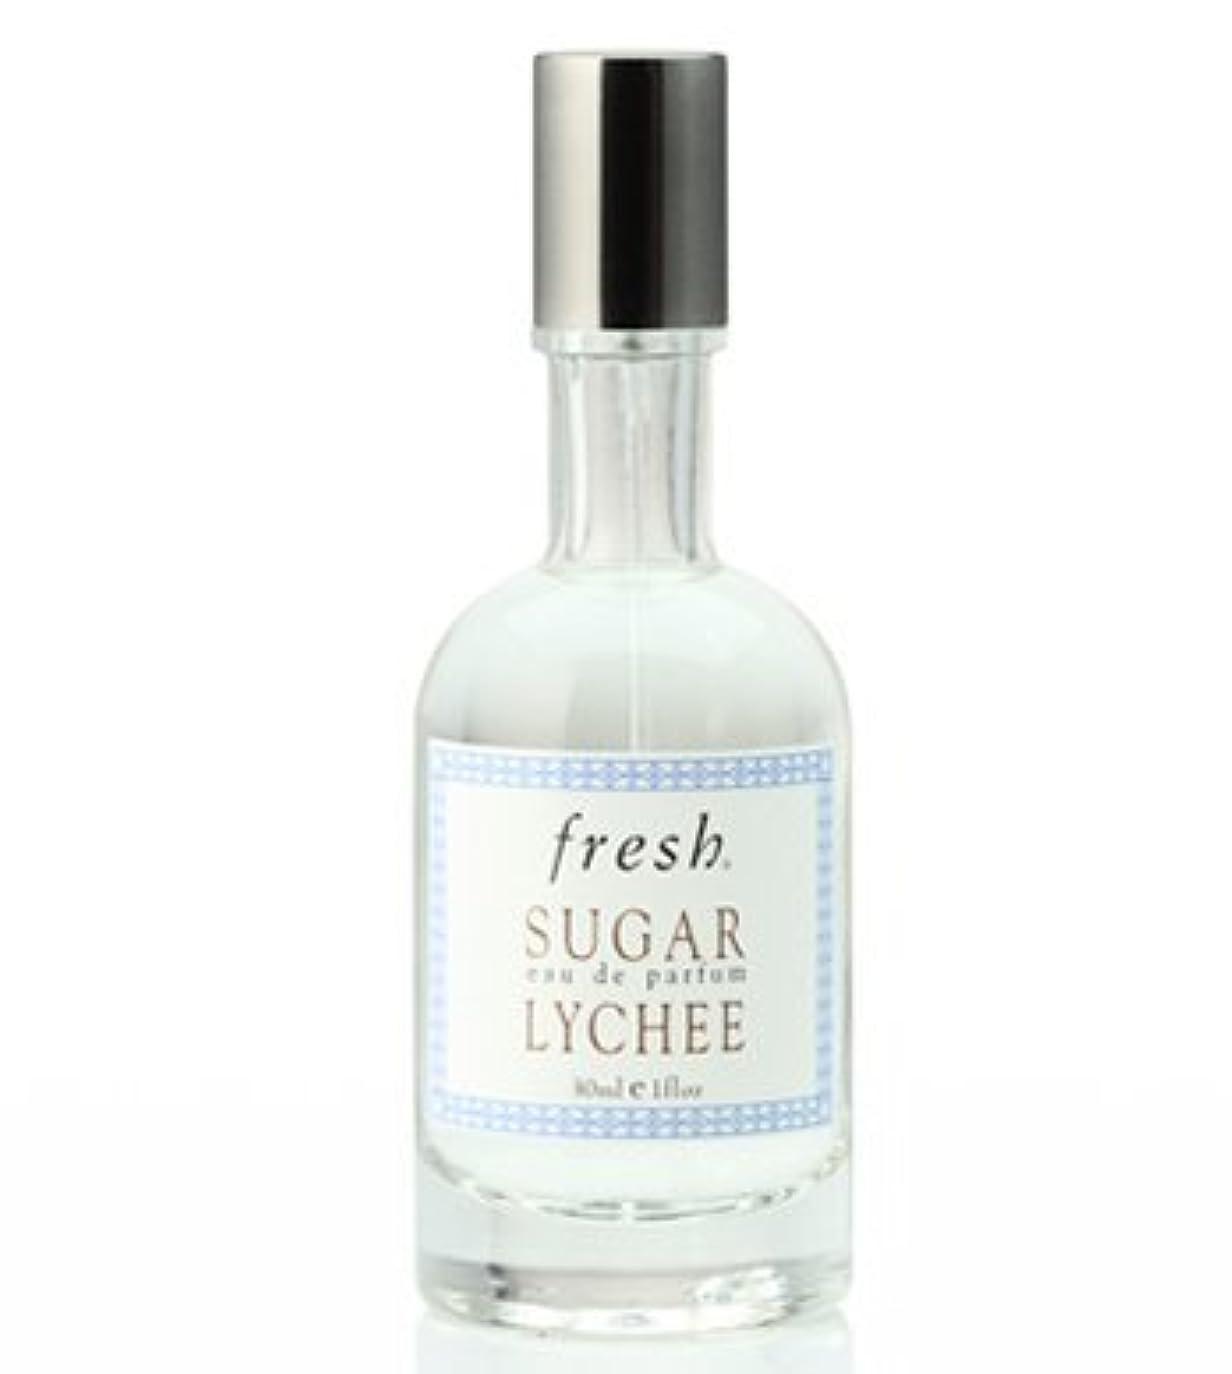 挨拶する電気技師亡命Fresh SUGAR LYCHEE (フレッシュ シュガー ライチ) 1.0 oz (30ml) EDP Spray for Women